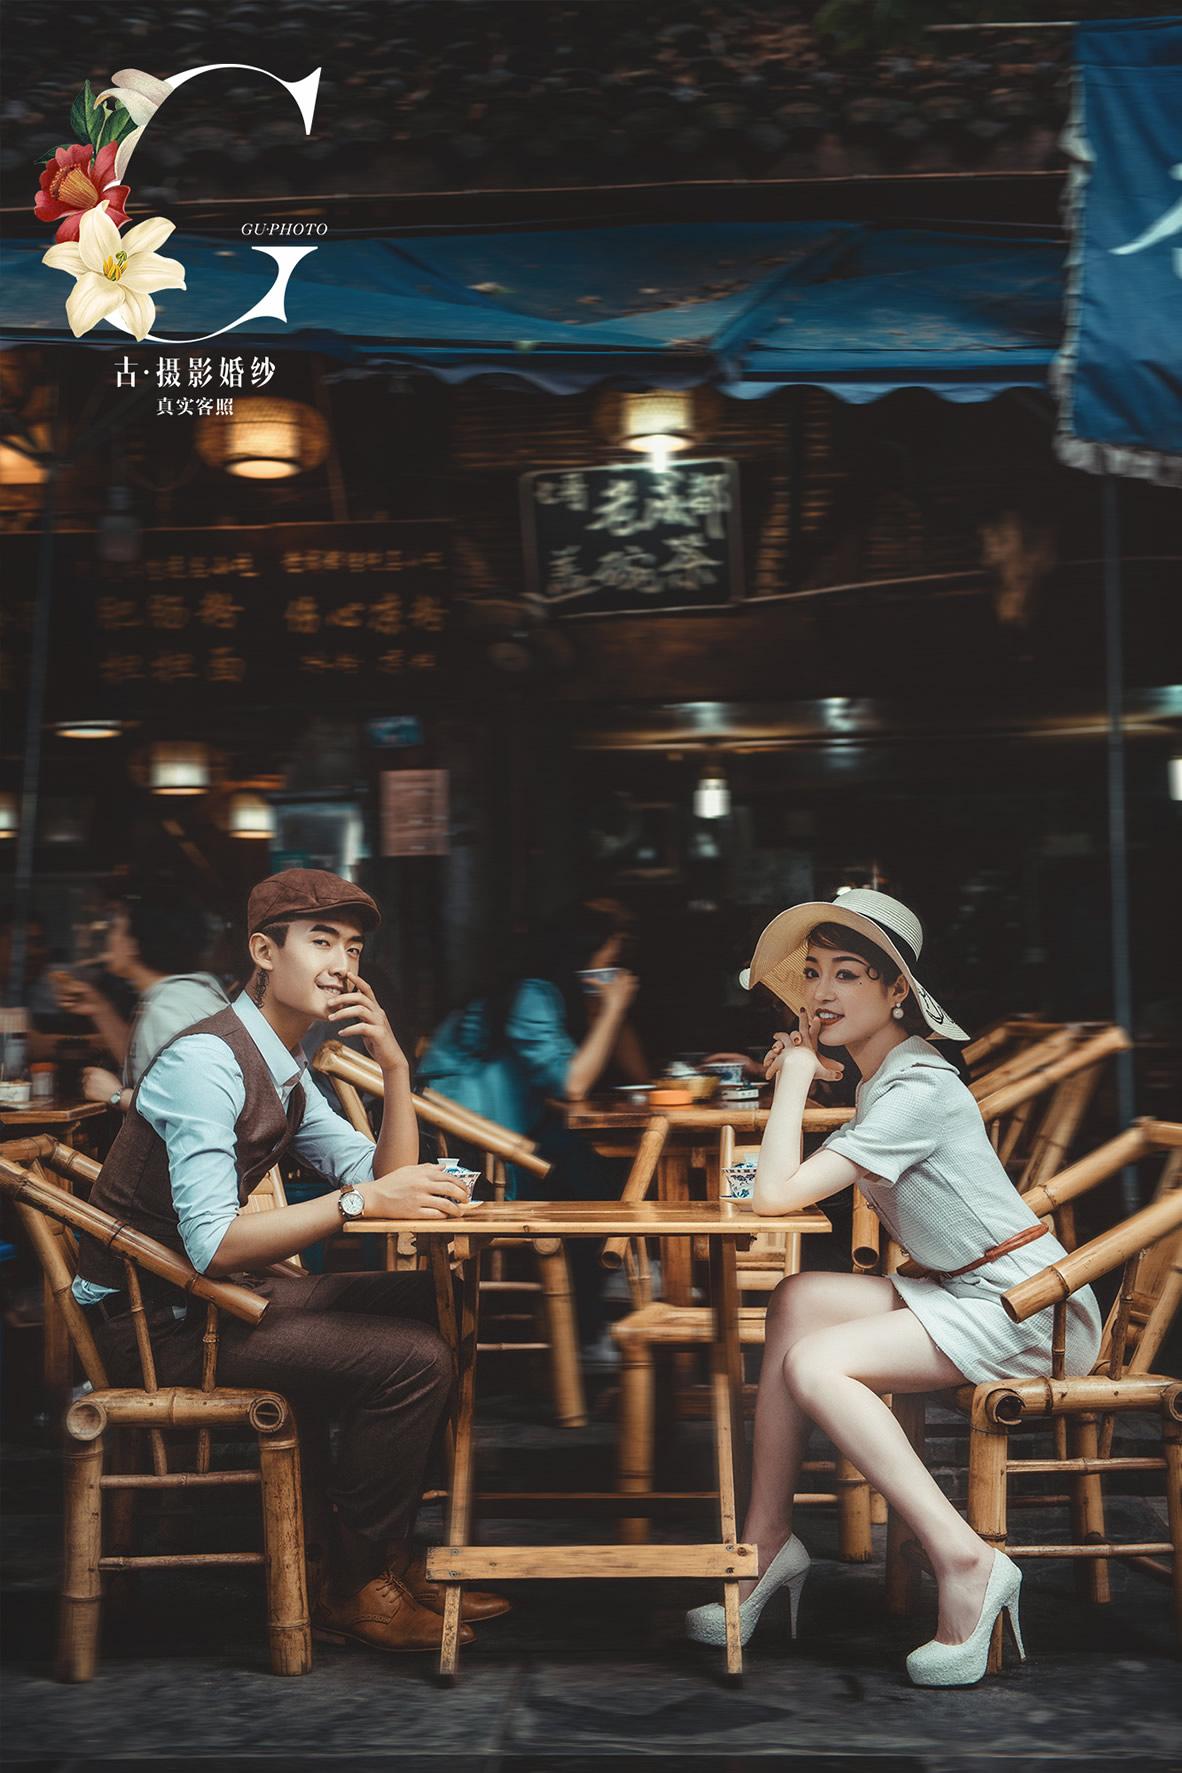 赵先生 麻花小姐 - 每日客照 - 古摄影婚纱艺术-古摄影成都婚纱摄影艺术摄影网